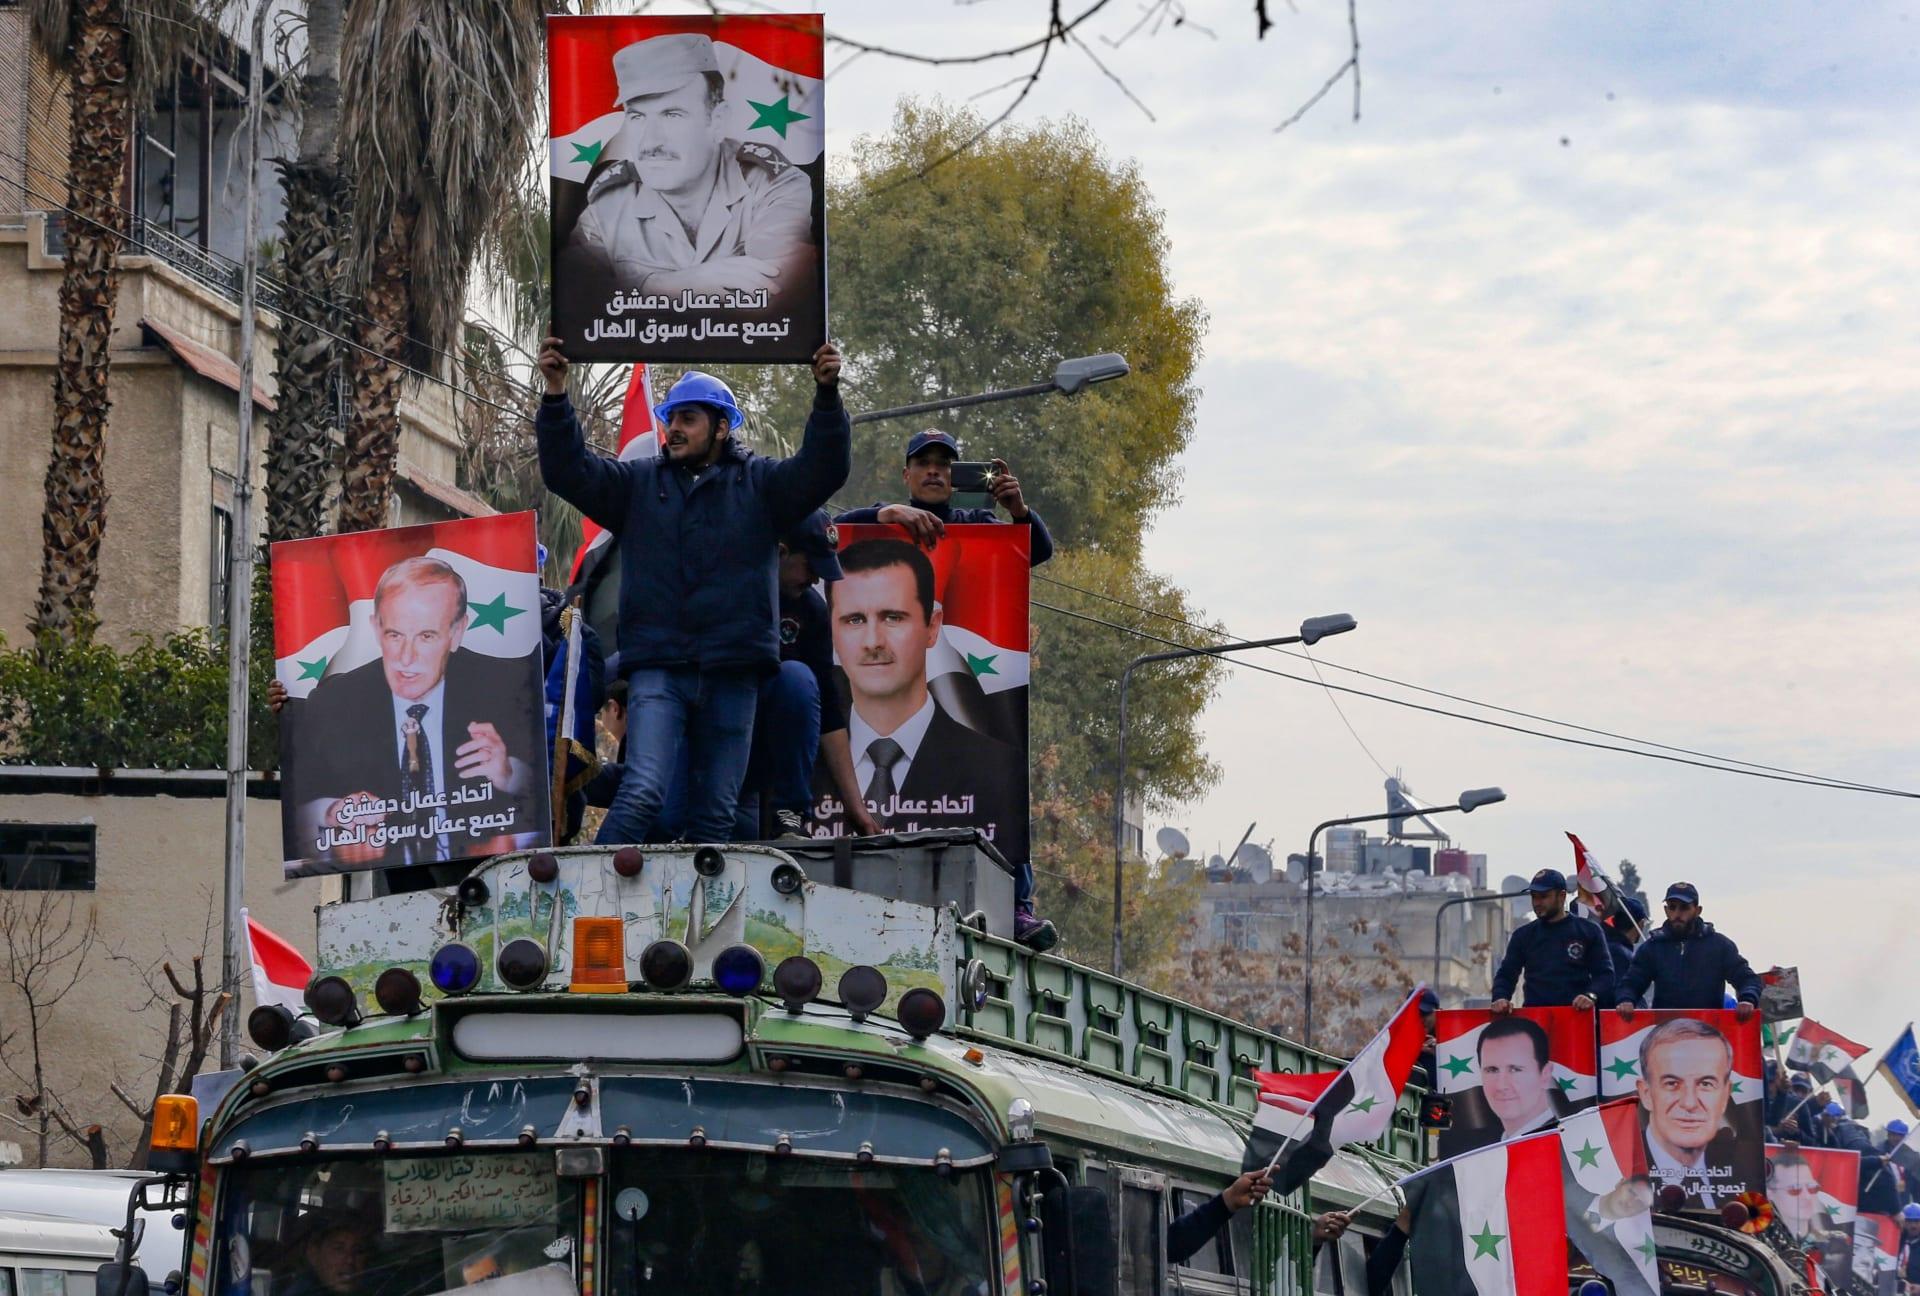 عمال يحملون صورًا للرئيس السوري بشار الأسد ووالده حافظ الاسد في وسط دمشق